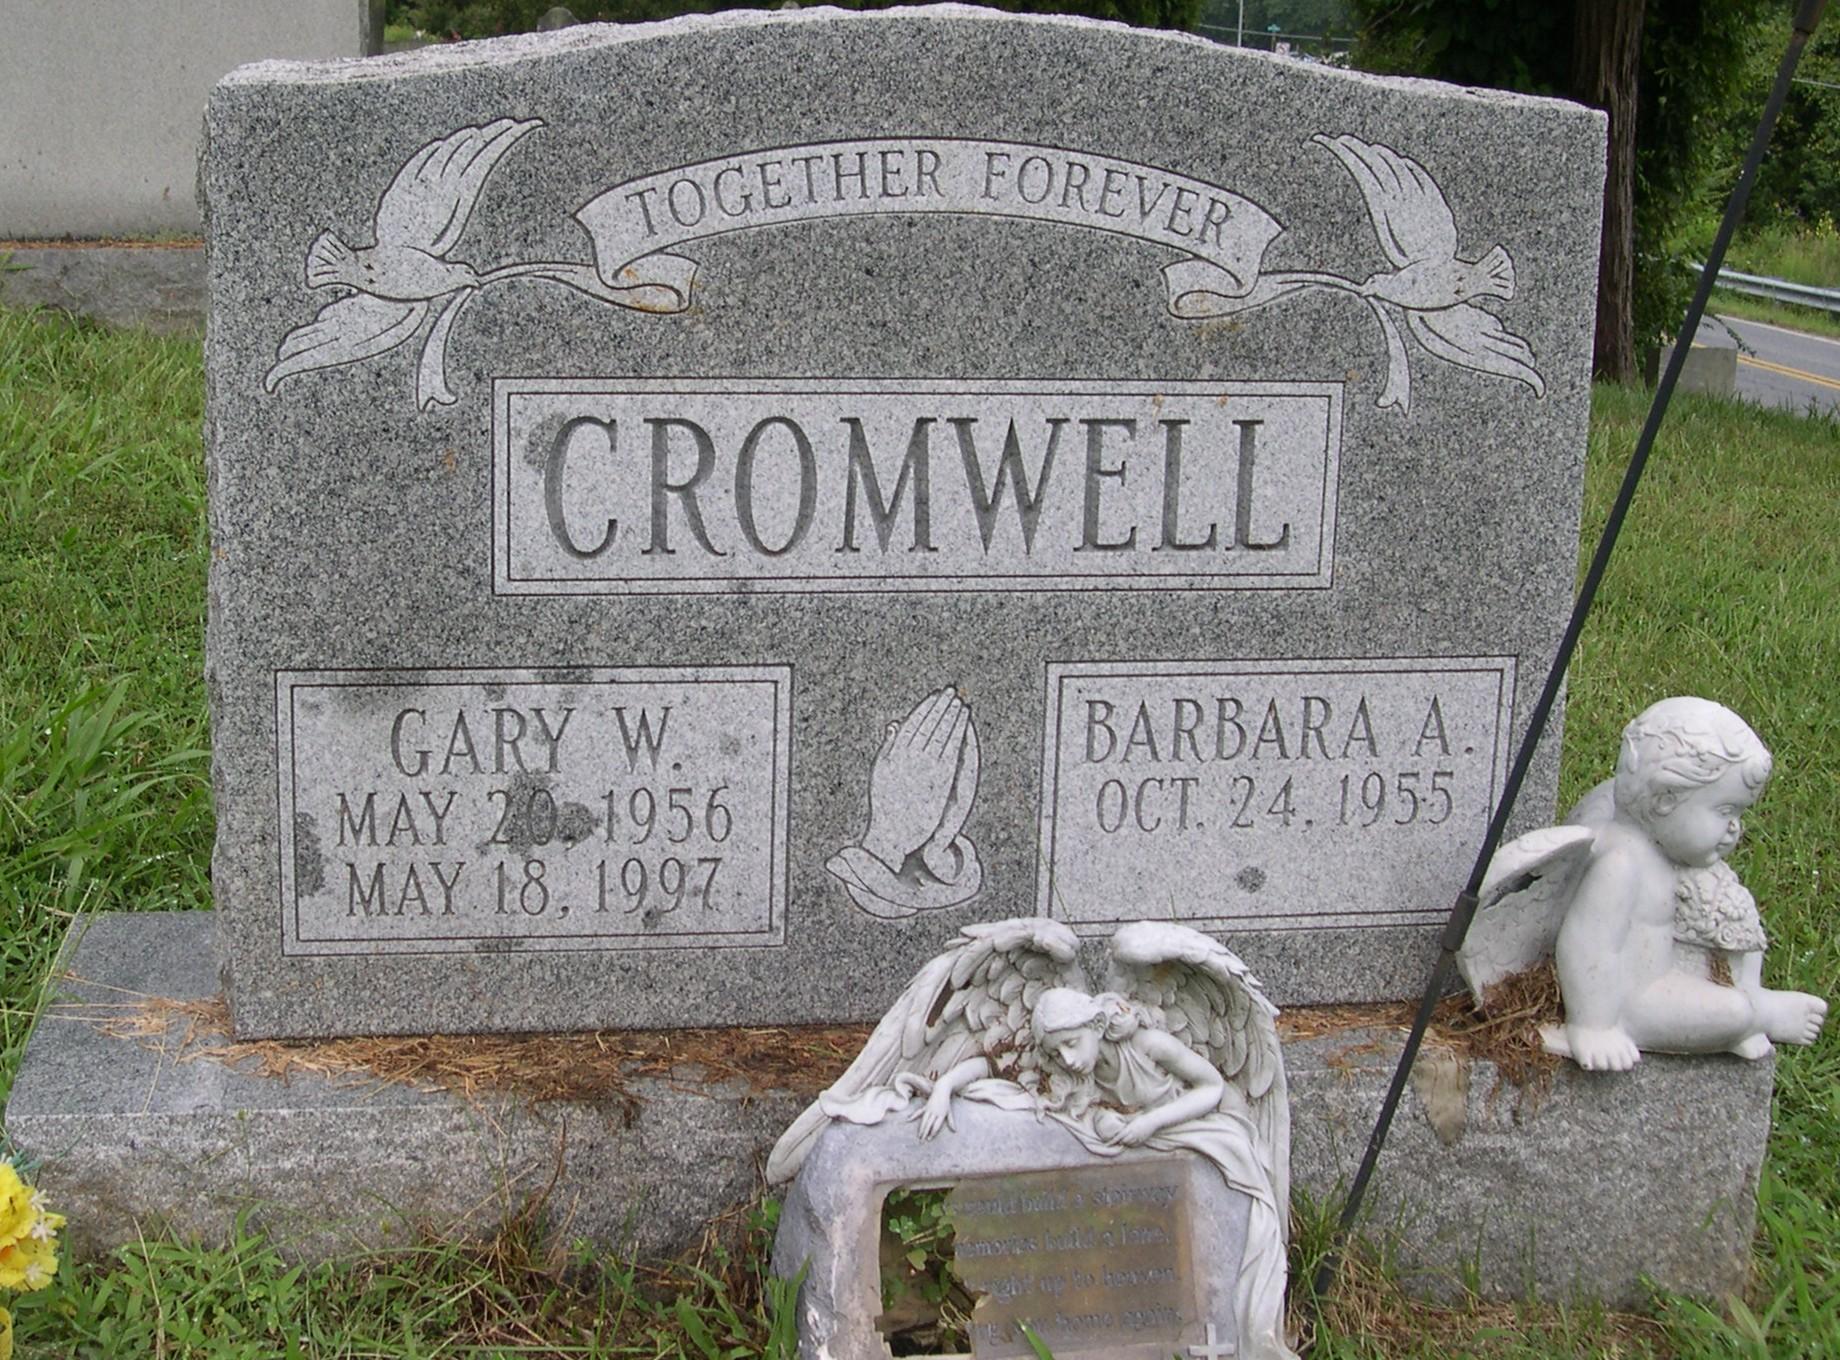 Gary W Cromwell